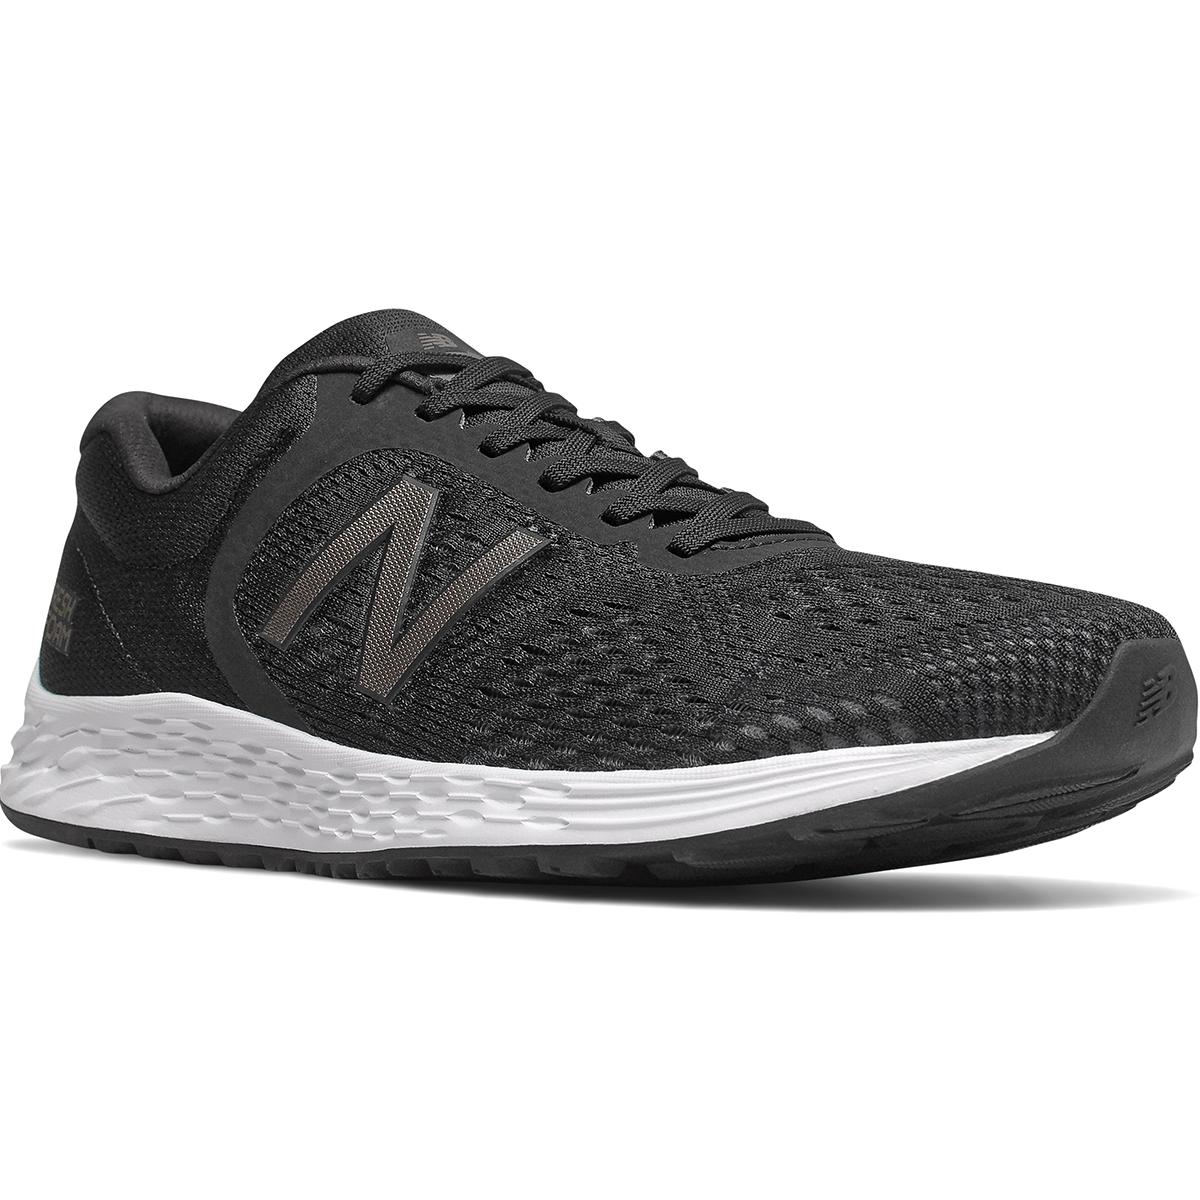 New Balance Men's Fresh Foam Arishi V2 Sneaker, Wide Width - Black, 7.5